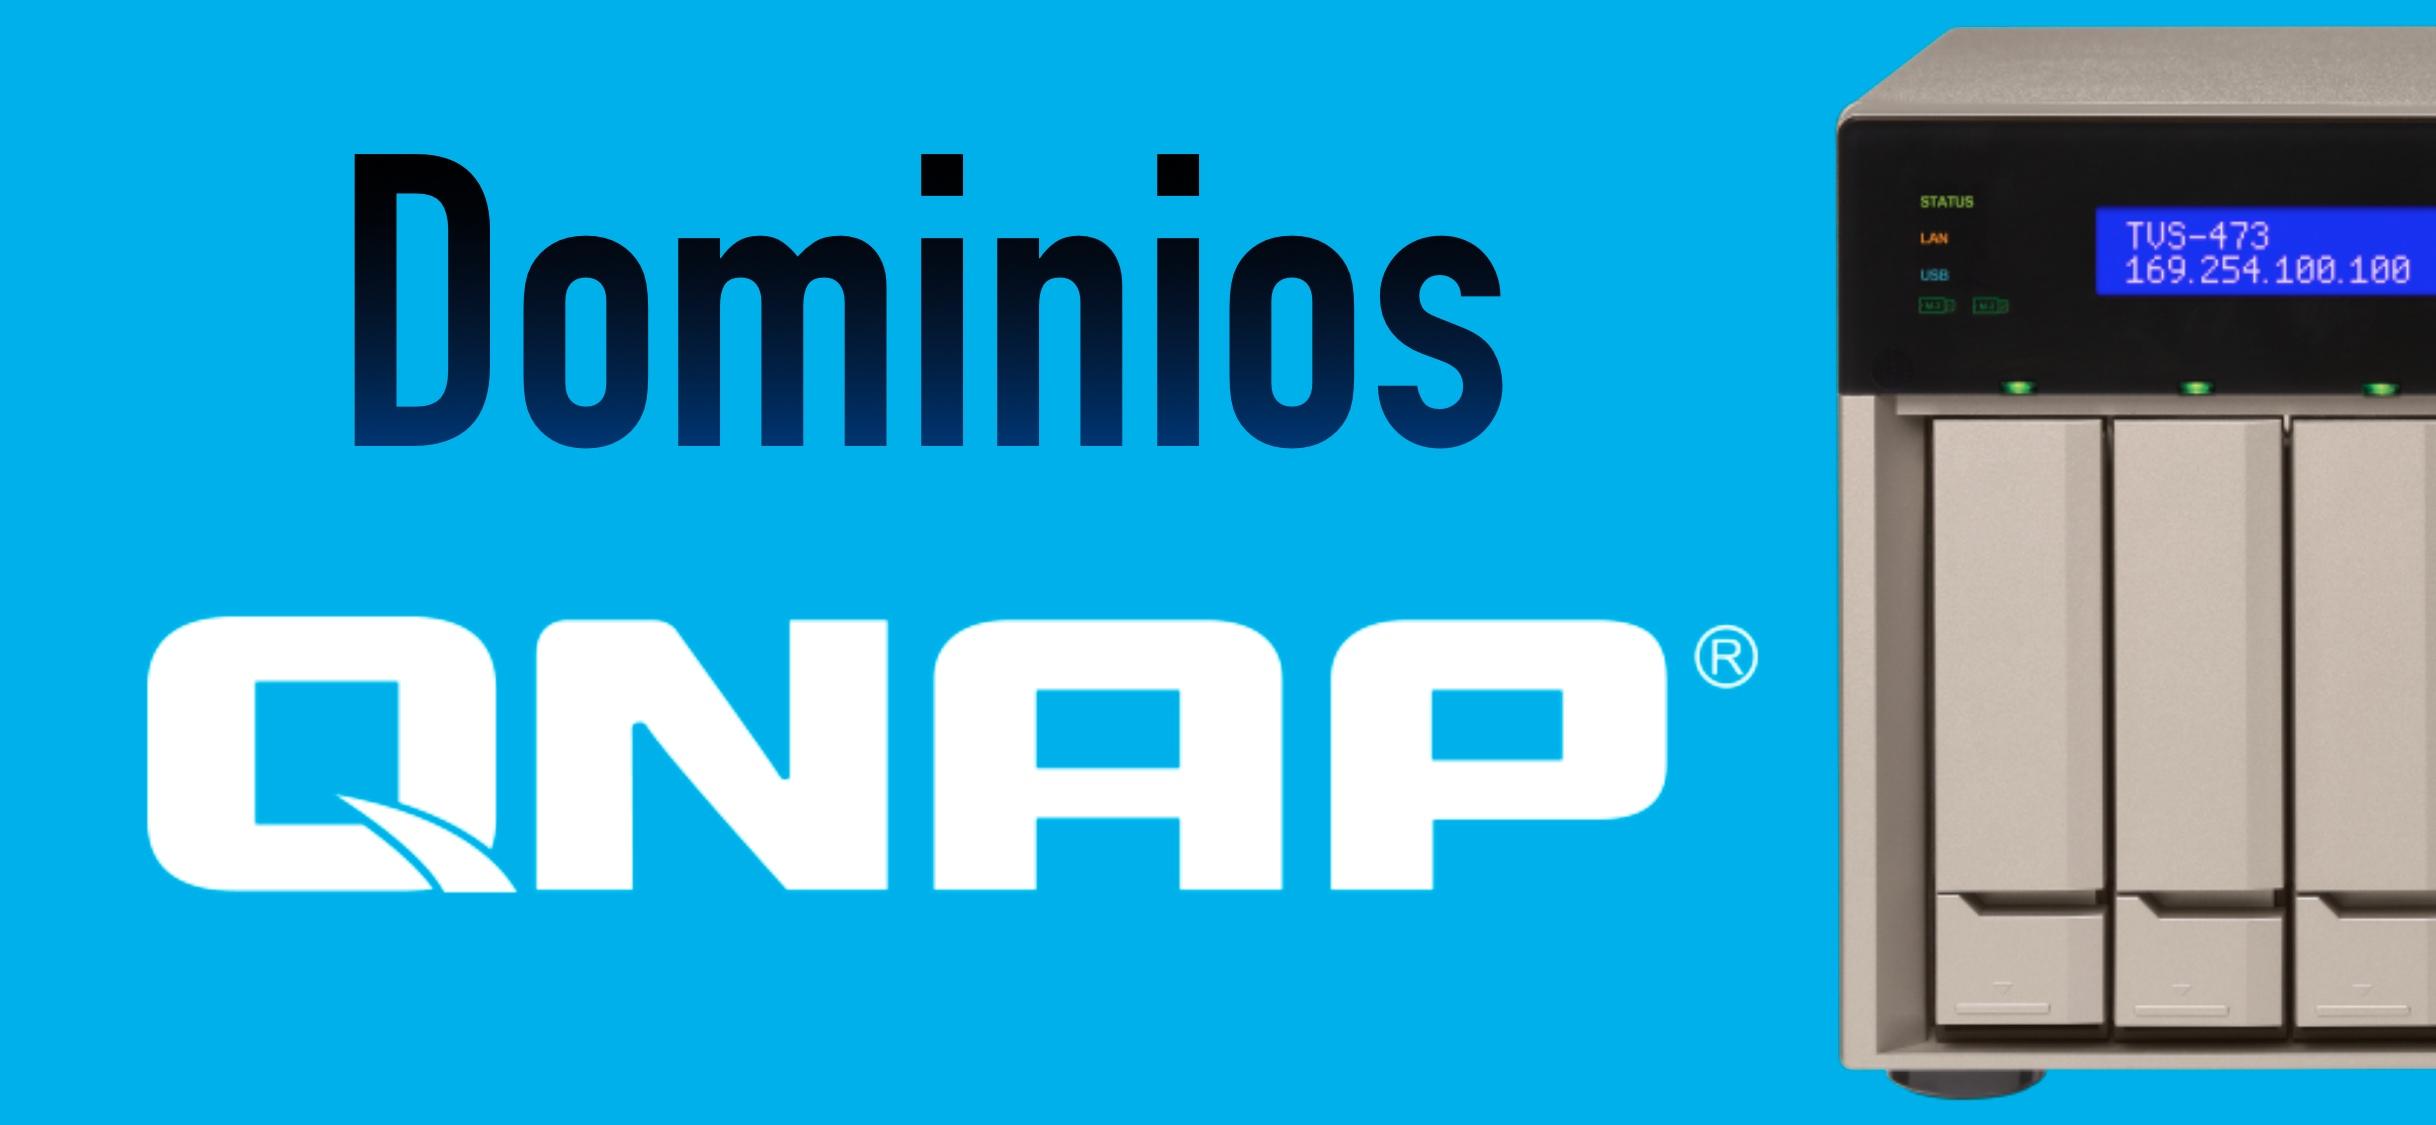 QNAP dominios